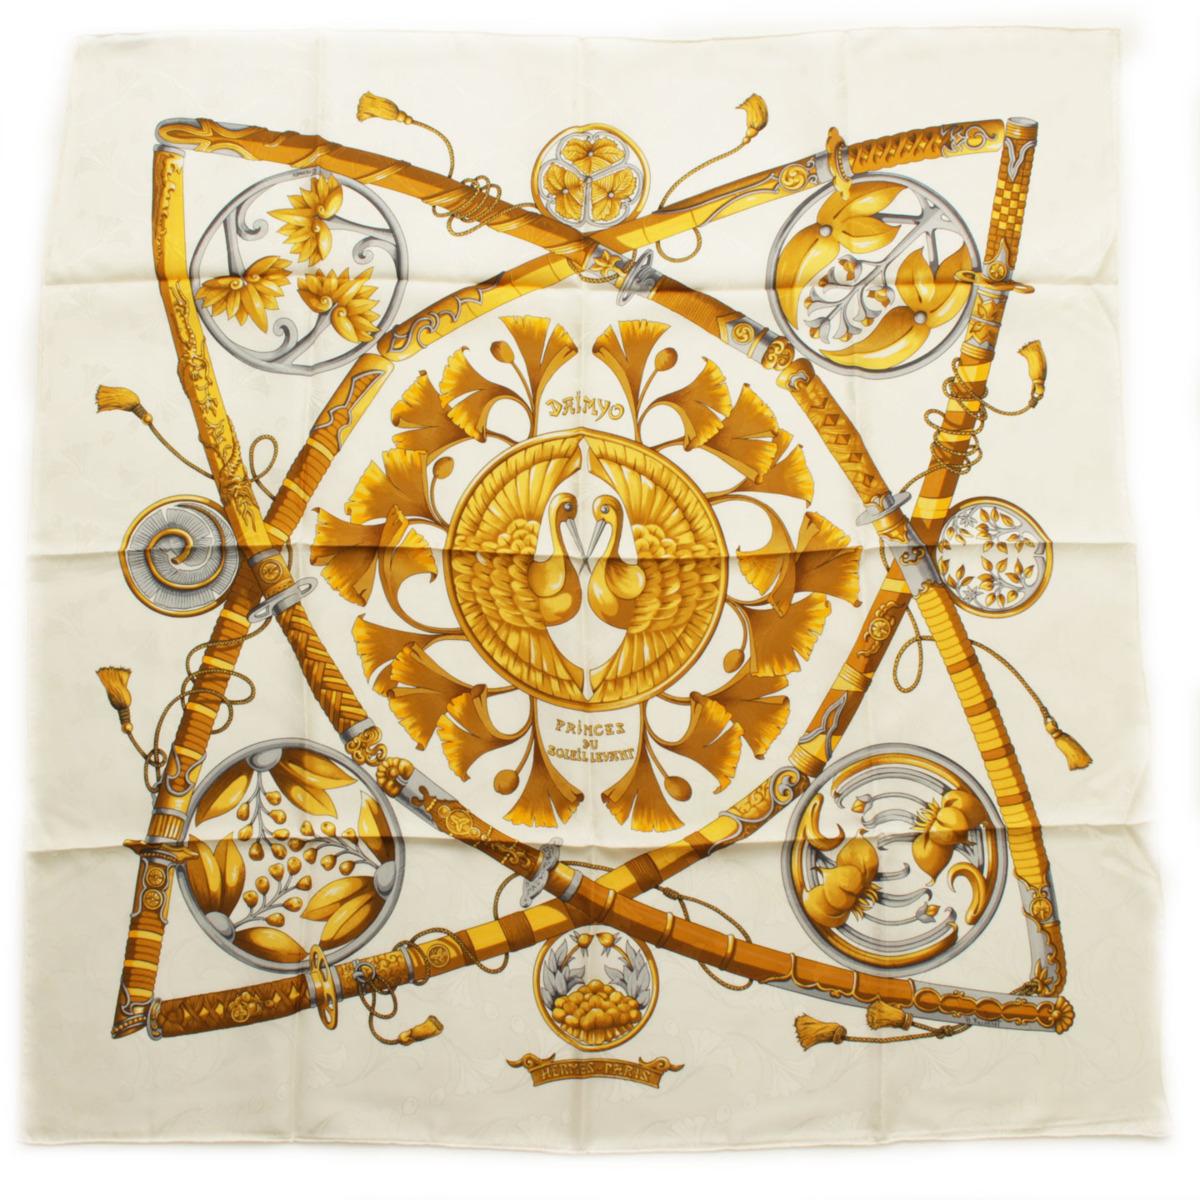 【エルメス】Hermes カレ90 シルクスカーフ DAIMYO PRINCES DU SOLEIL LEVANT 大名 日出る国の皇子 【中古】【鑑定済・正規品保証】【送料無料】38630